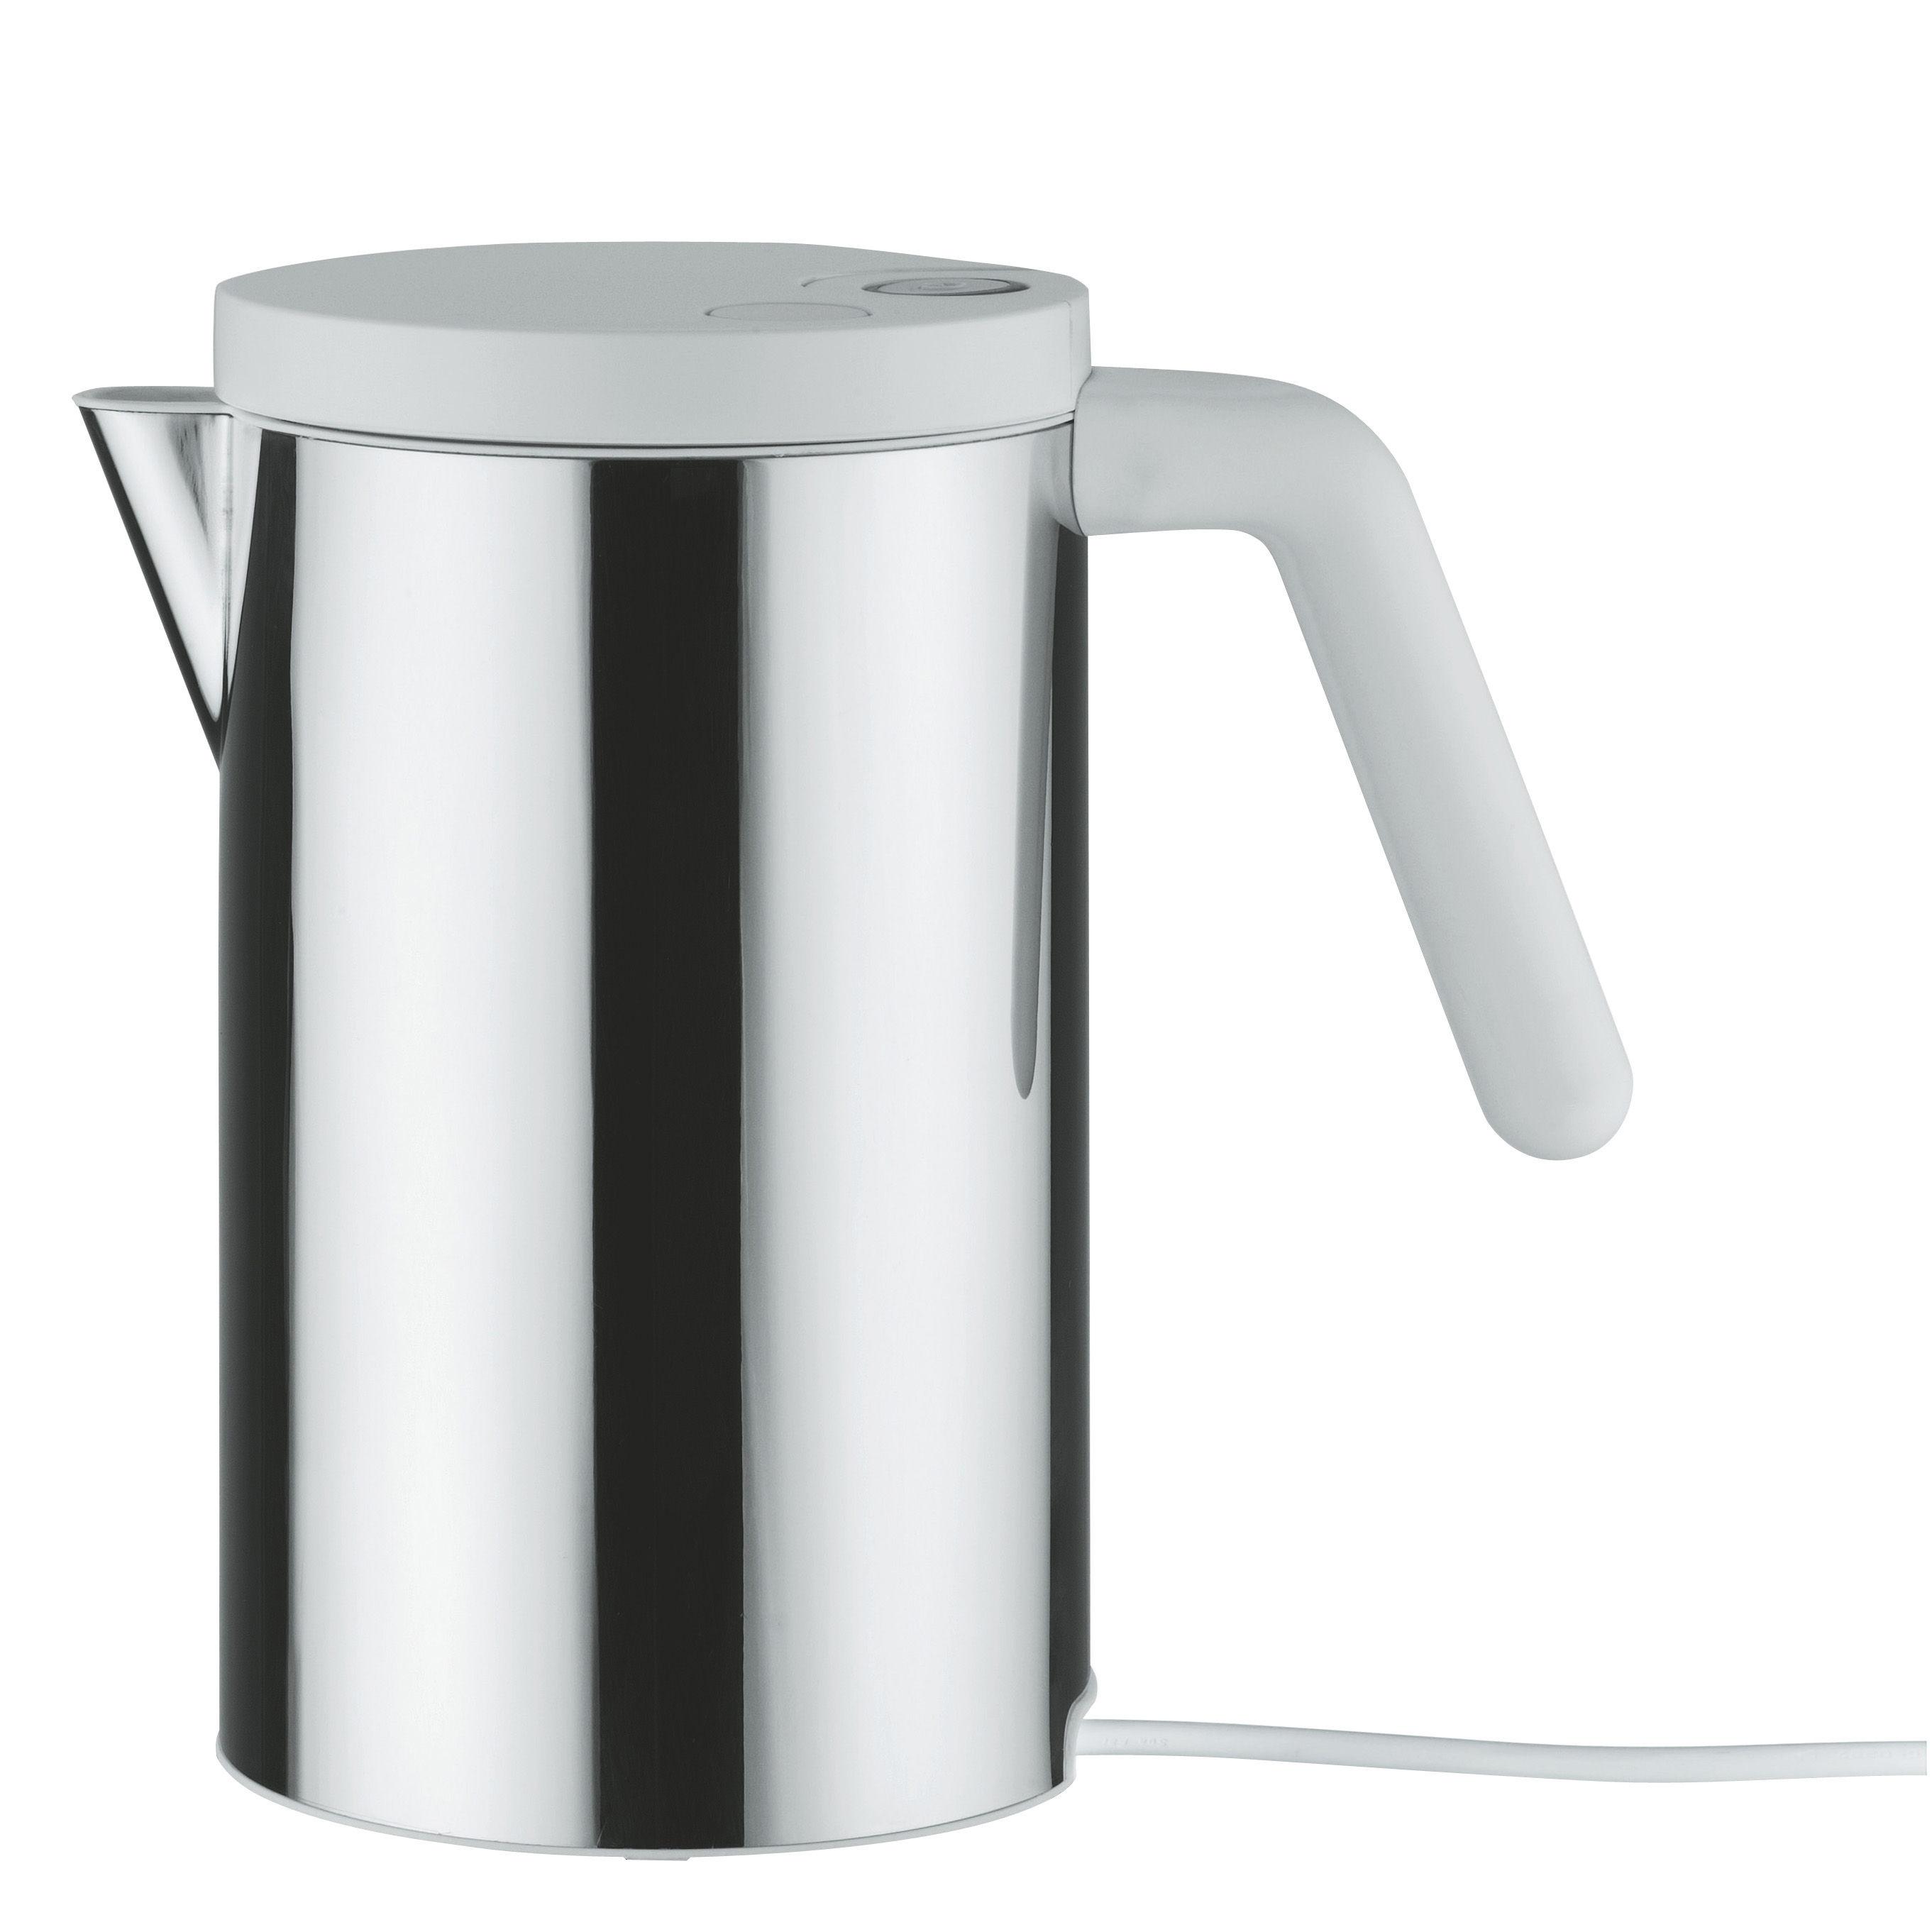 Küche - Elektrogeräte - Hot.it Wasserkocher 80 cl - Alessi - 80 cl - stahl  & weiß - rostfreier Stahl, thermoplastisches Harz